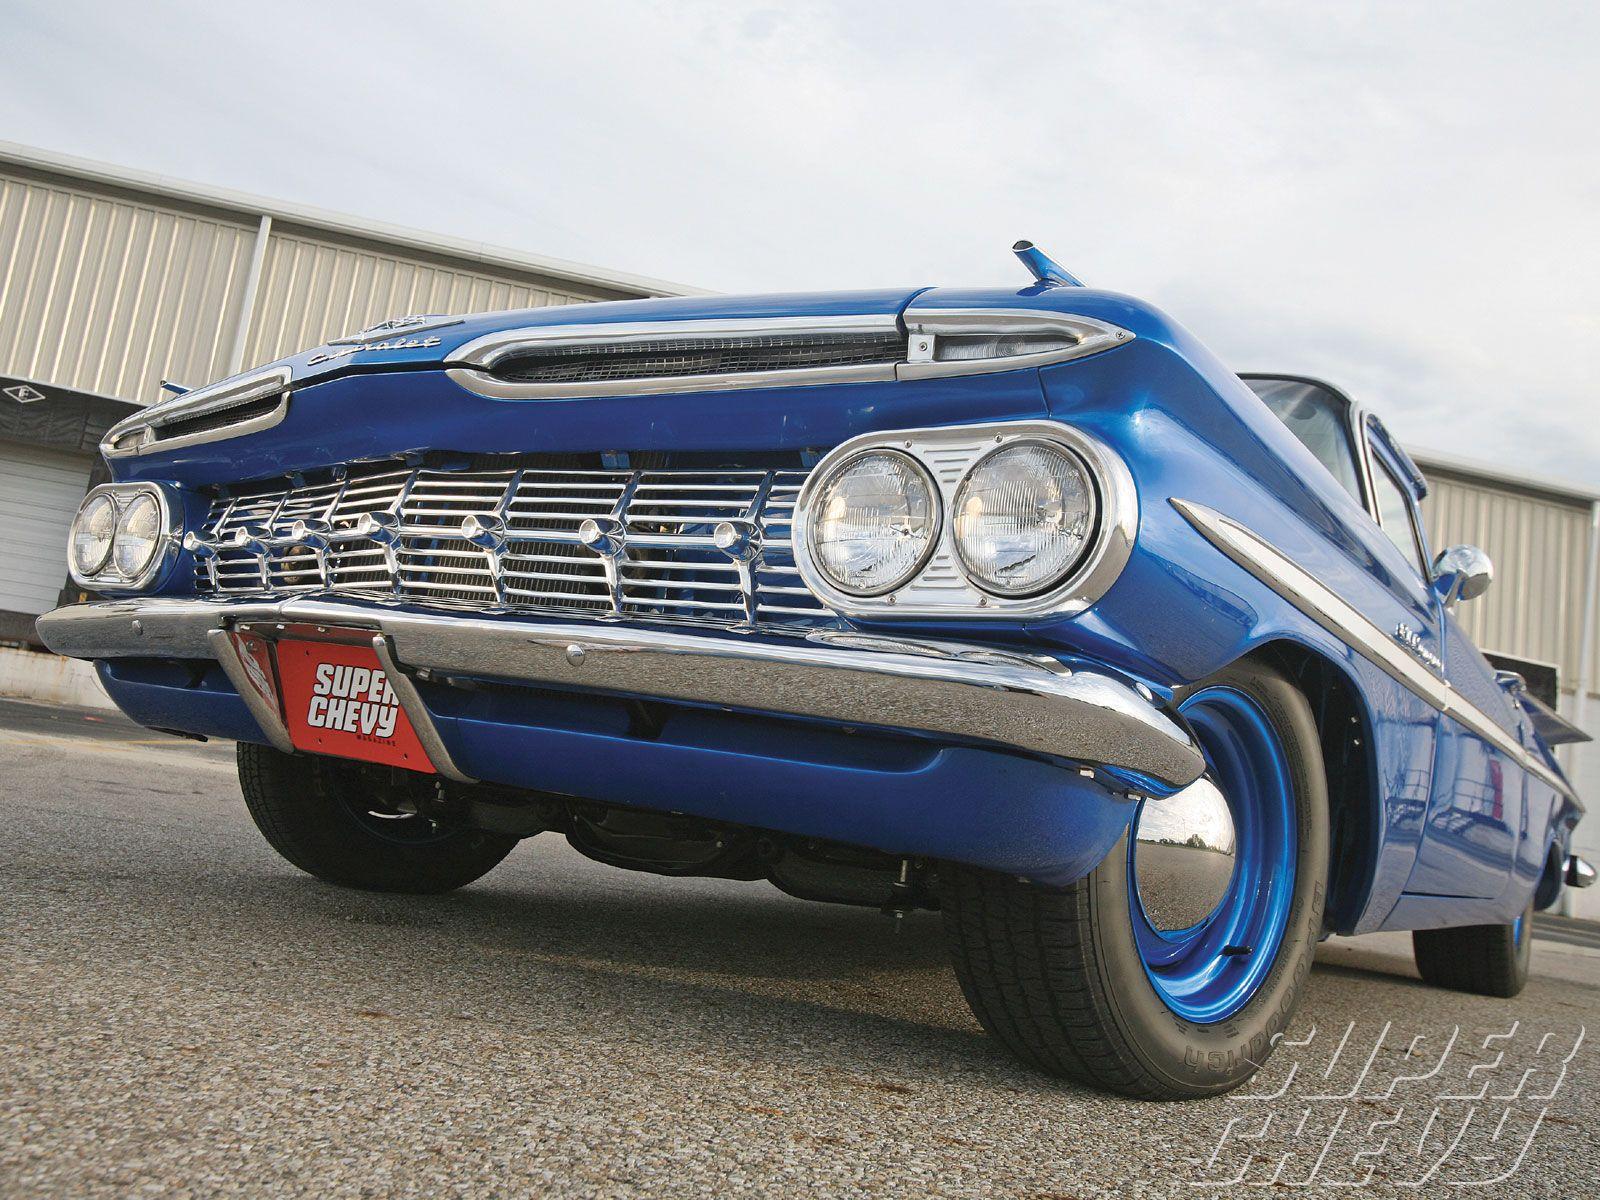 Chevrolet ElCamino SS pickup hot rod rods camino wallpaper